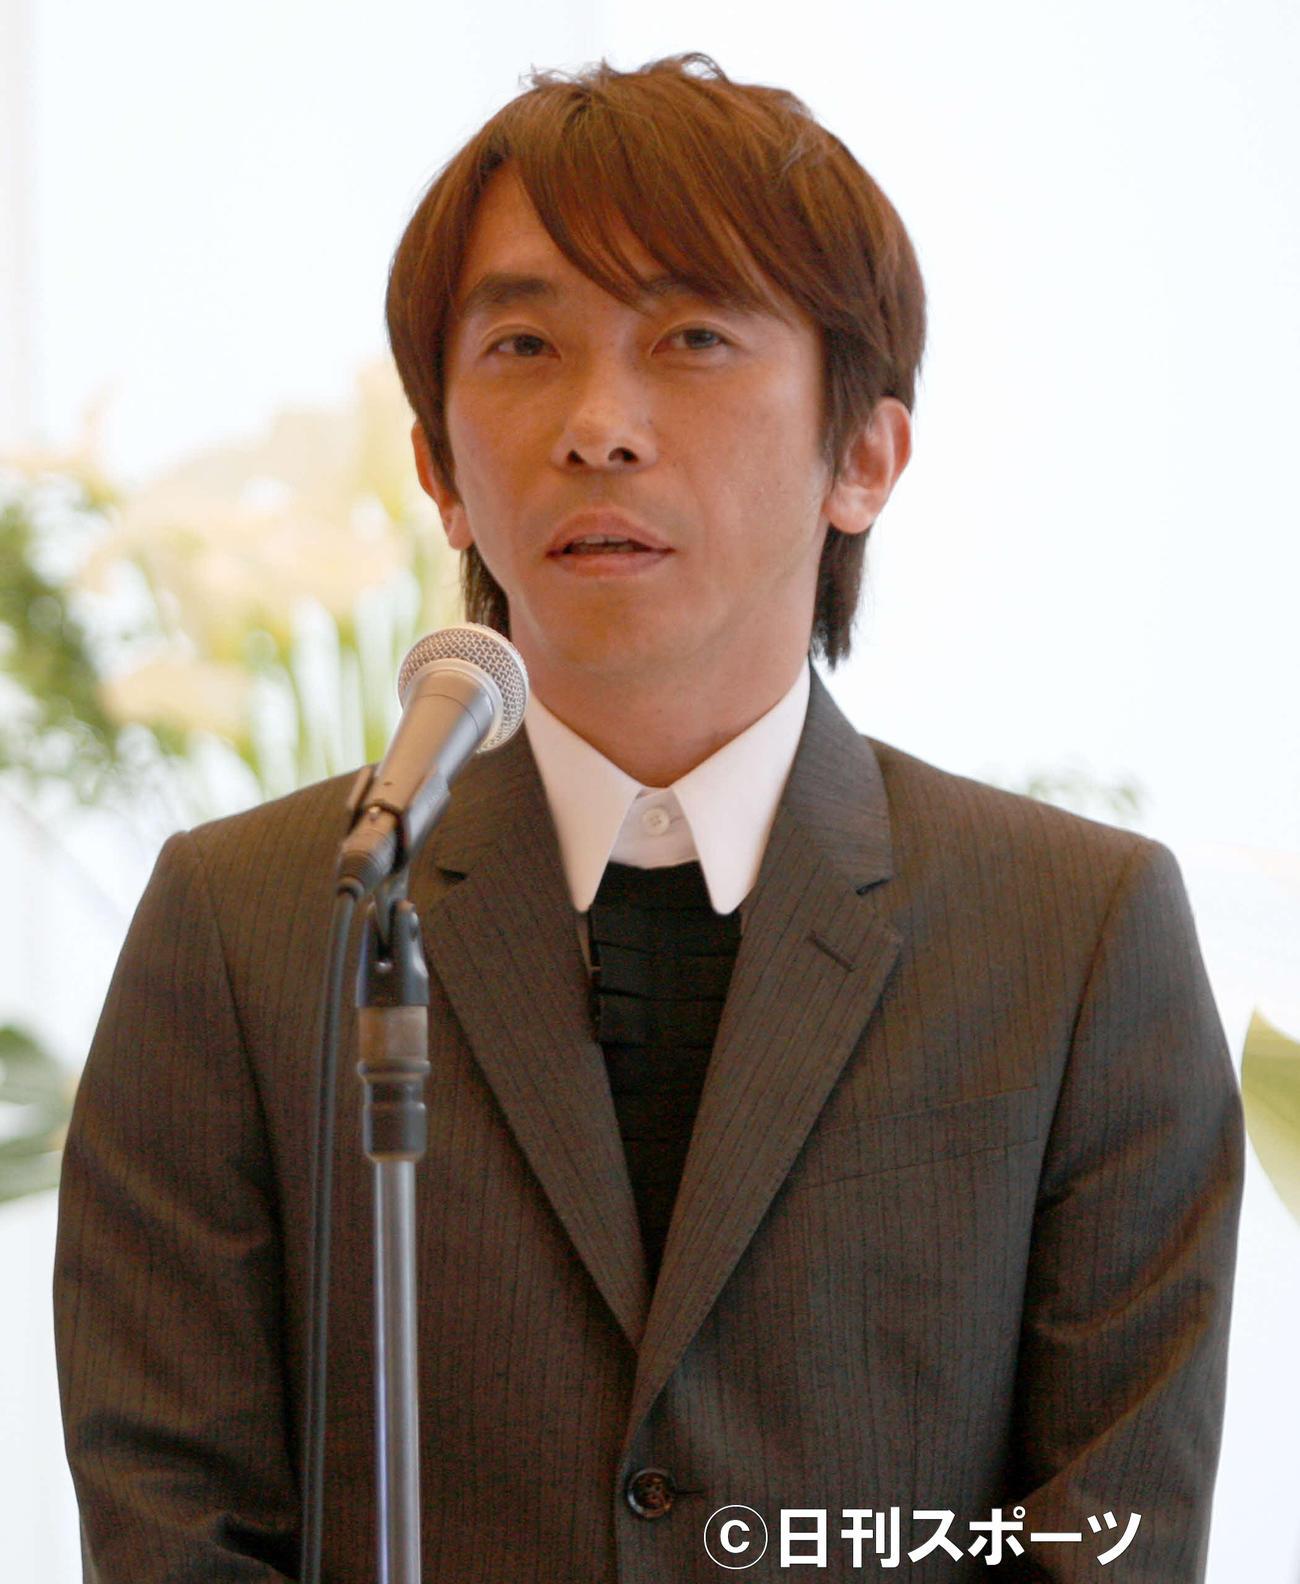 若い 松浦 勝 頃 人